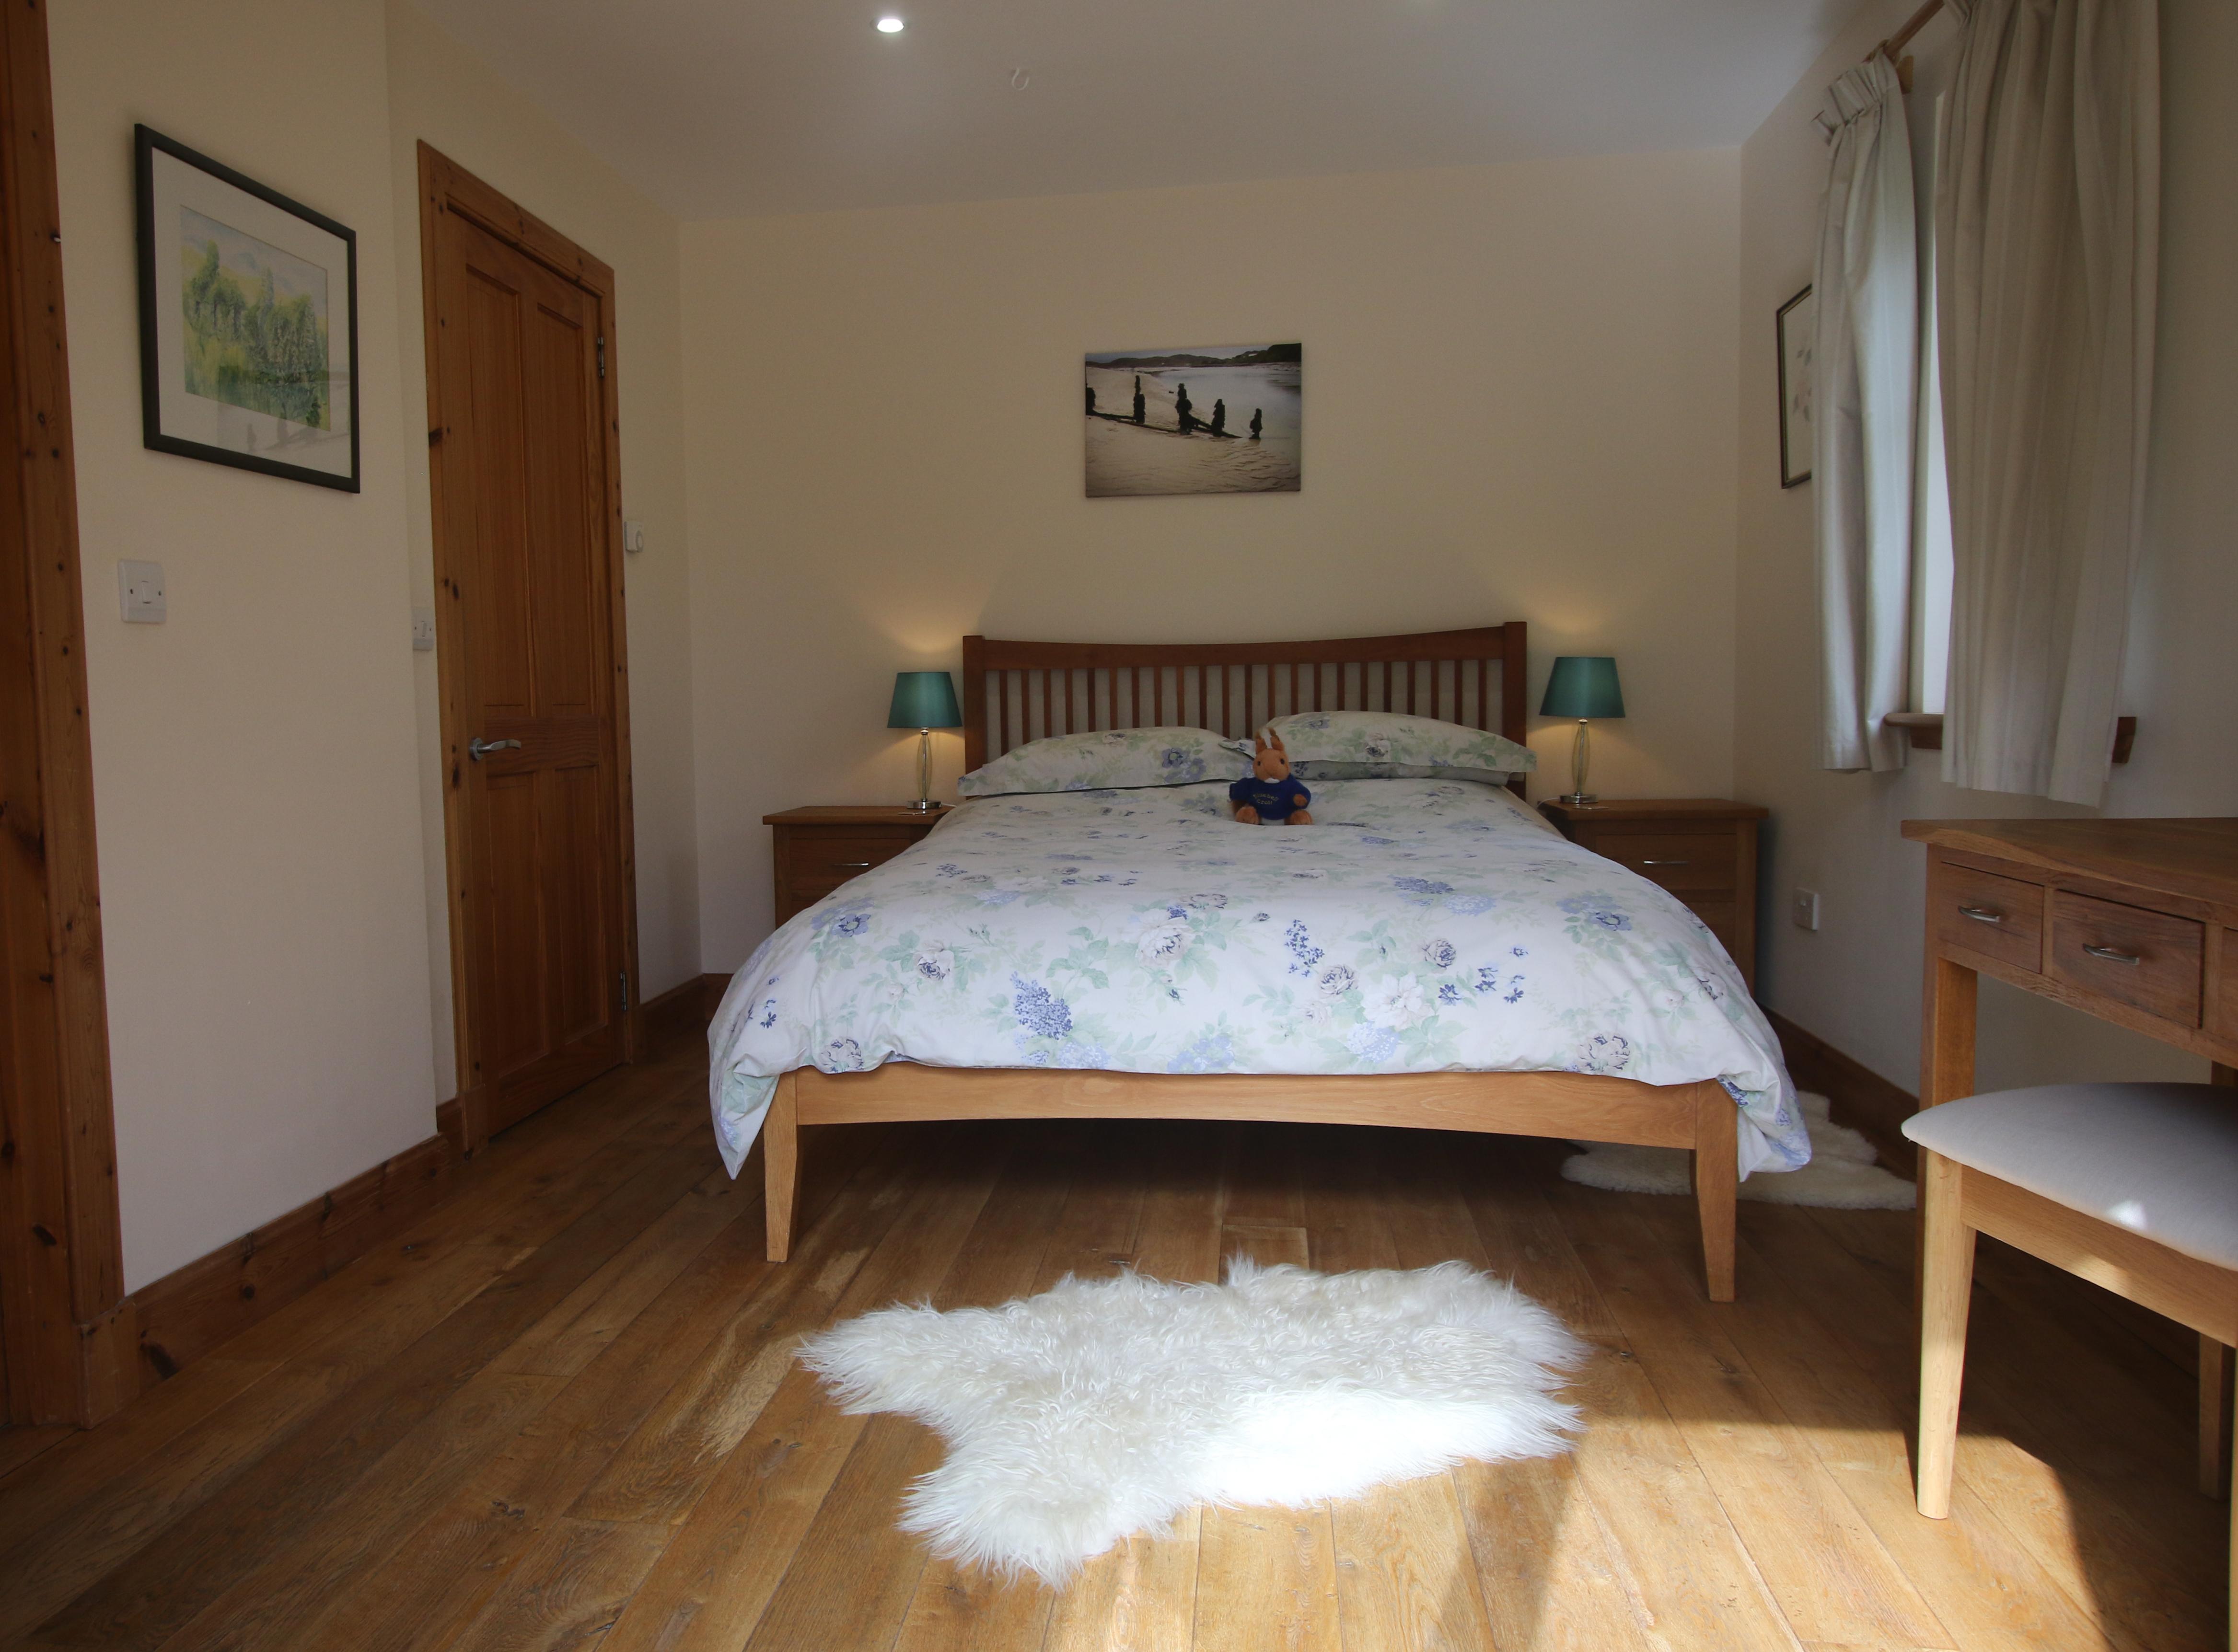 Downstairs bedroom with en-suite wet room